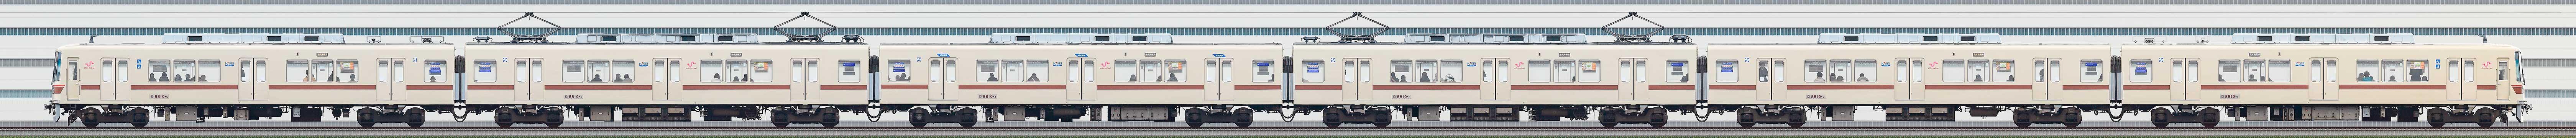 新京成8800形8810編成(旧塗装・海側)の編成サイドビュー